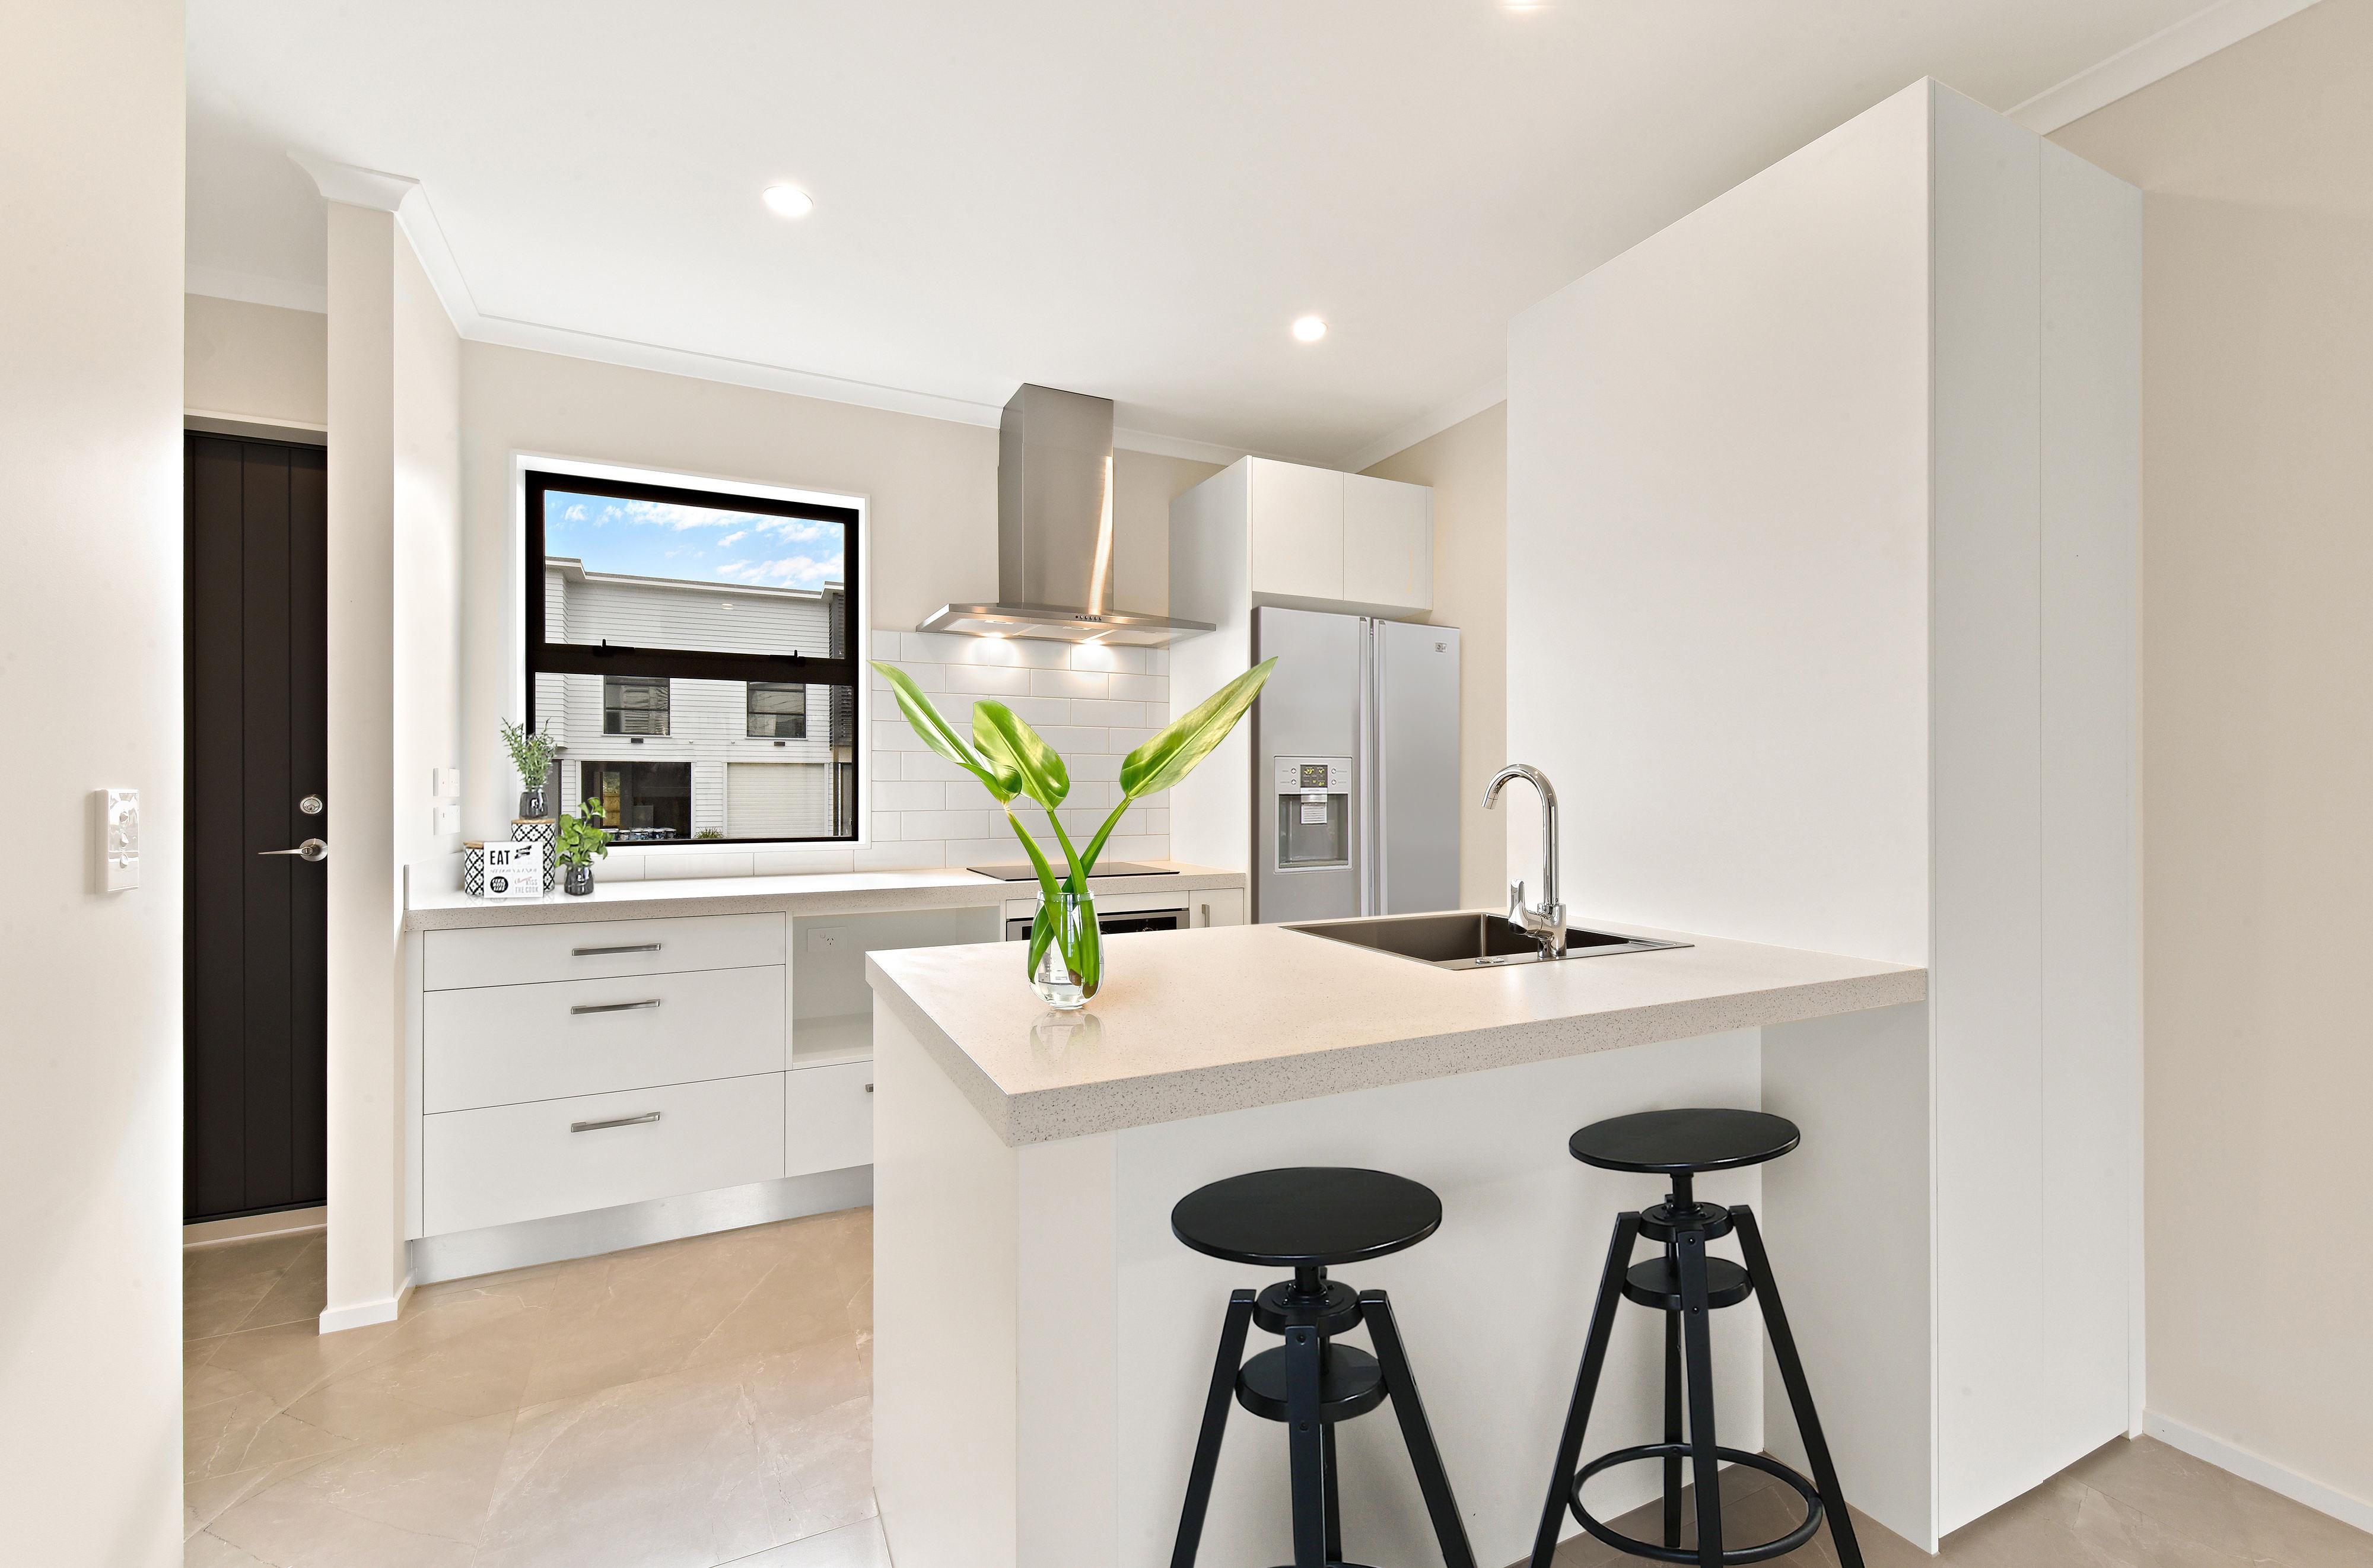 Swanson 2房 名气建筑商打造 地段无可挑剔 10年主建筑师质保 仅有两套 机会稍纵即逝! Two Bedroom Terrace - Available Now!